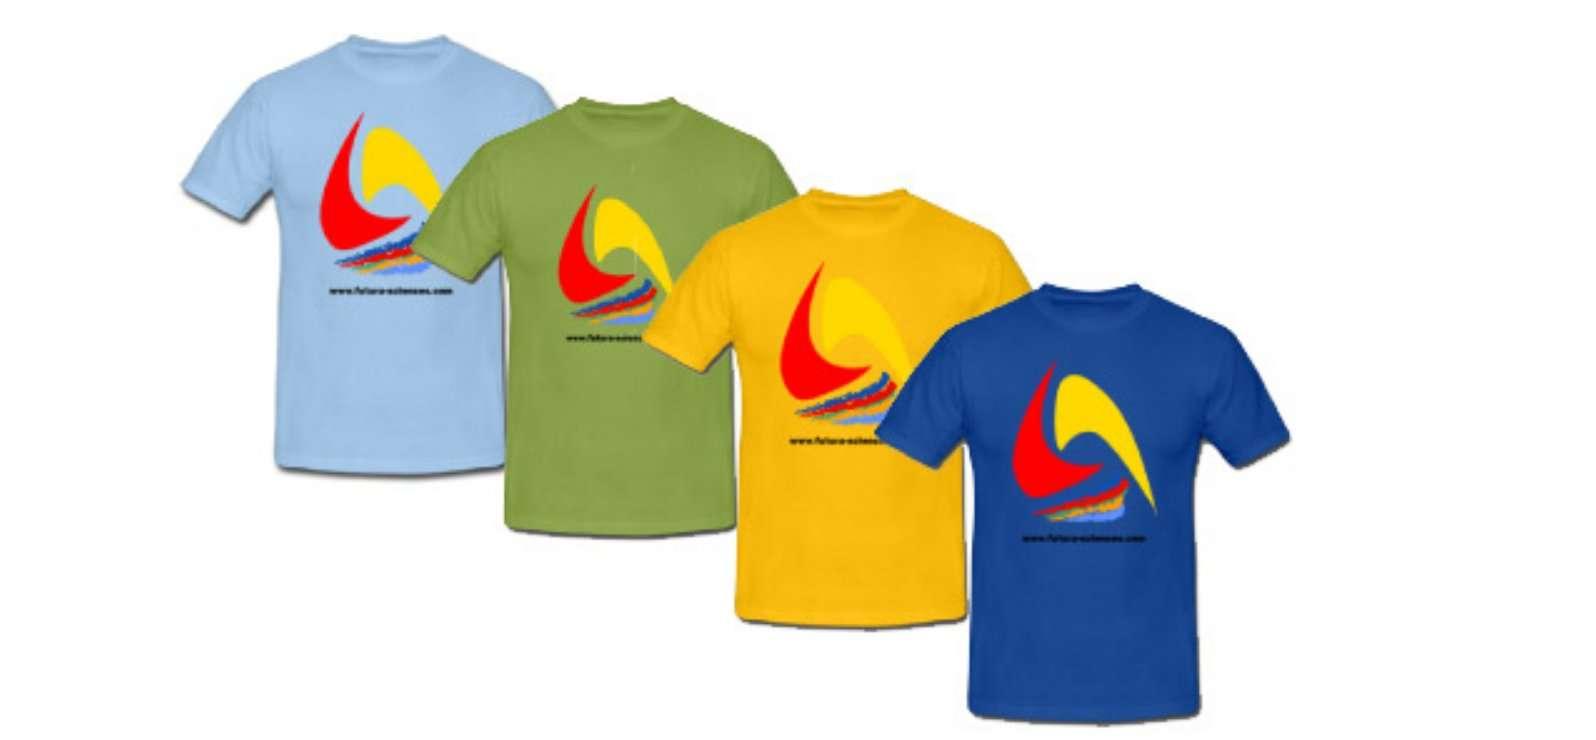 C'est le bon moment pour explorer notre collection de T-shirts !